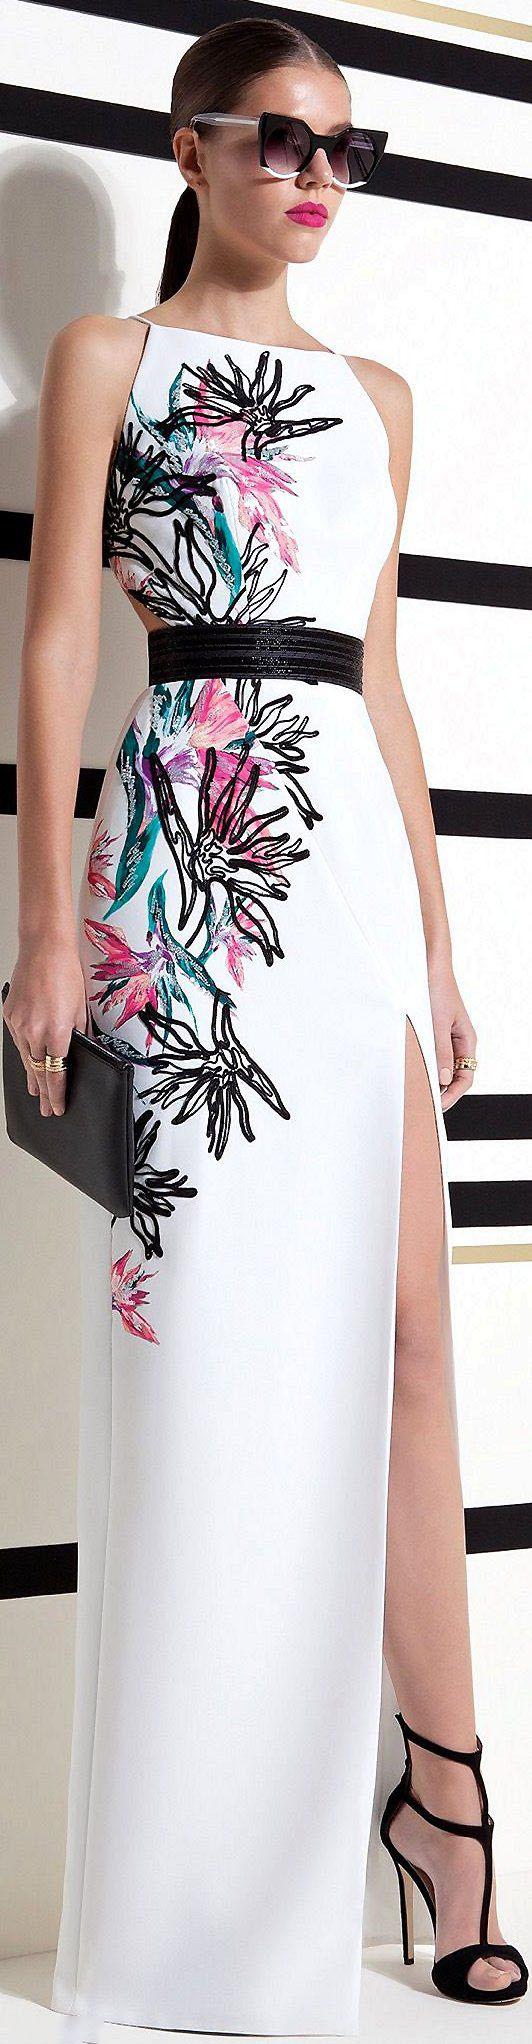 #Sleeveless Sling Dress #women dress #fashion